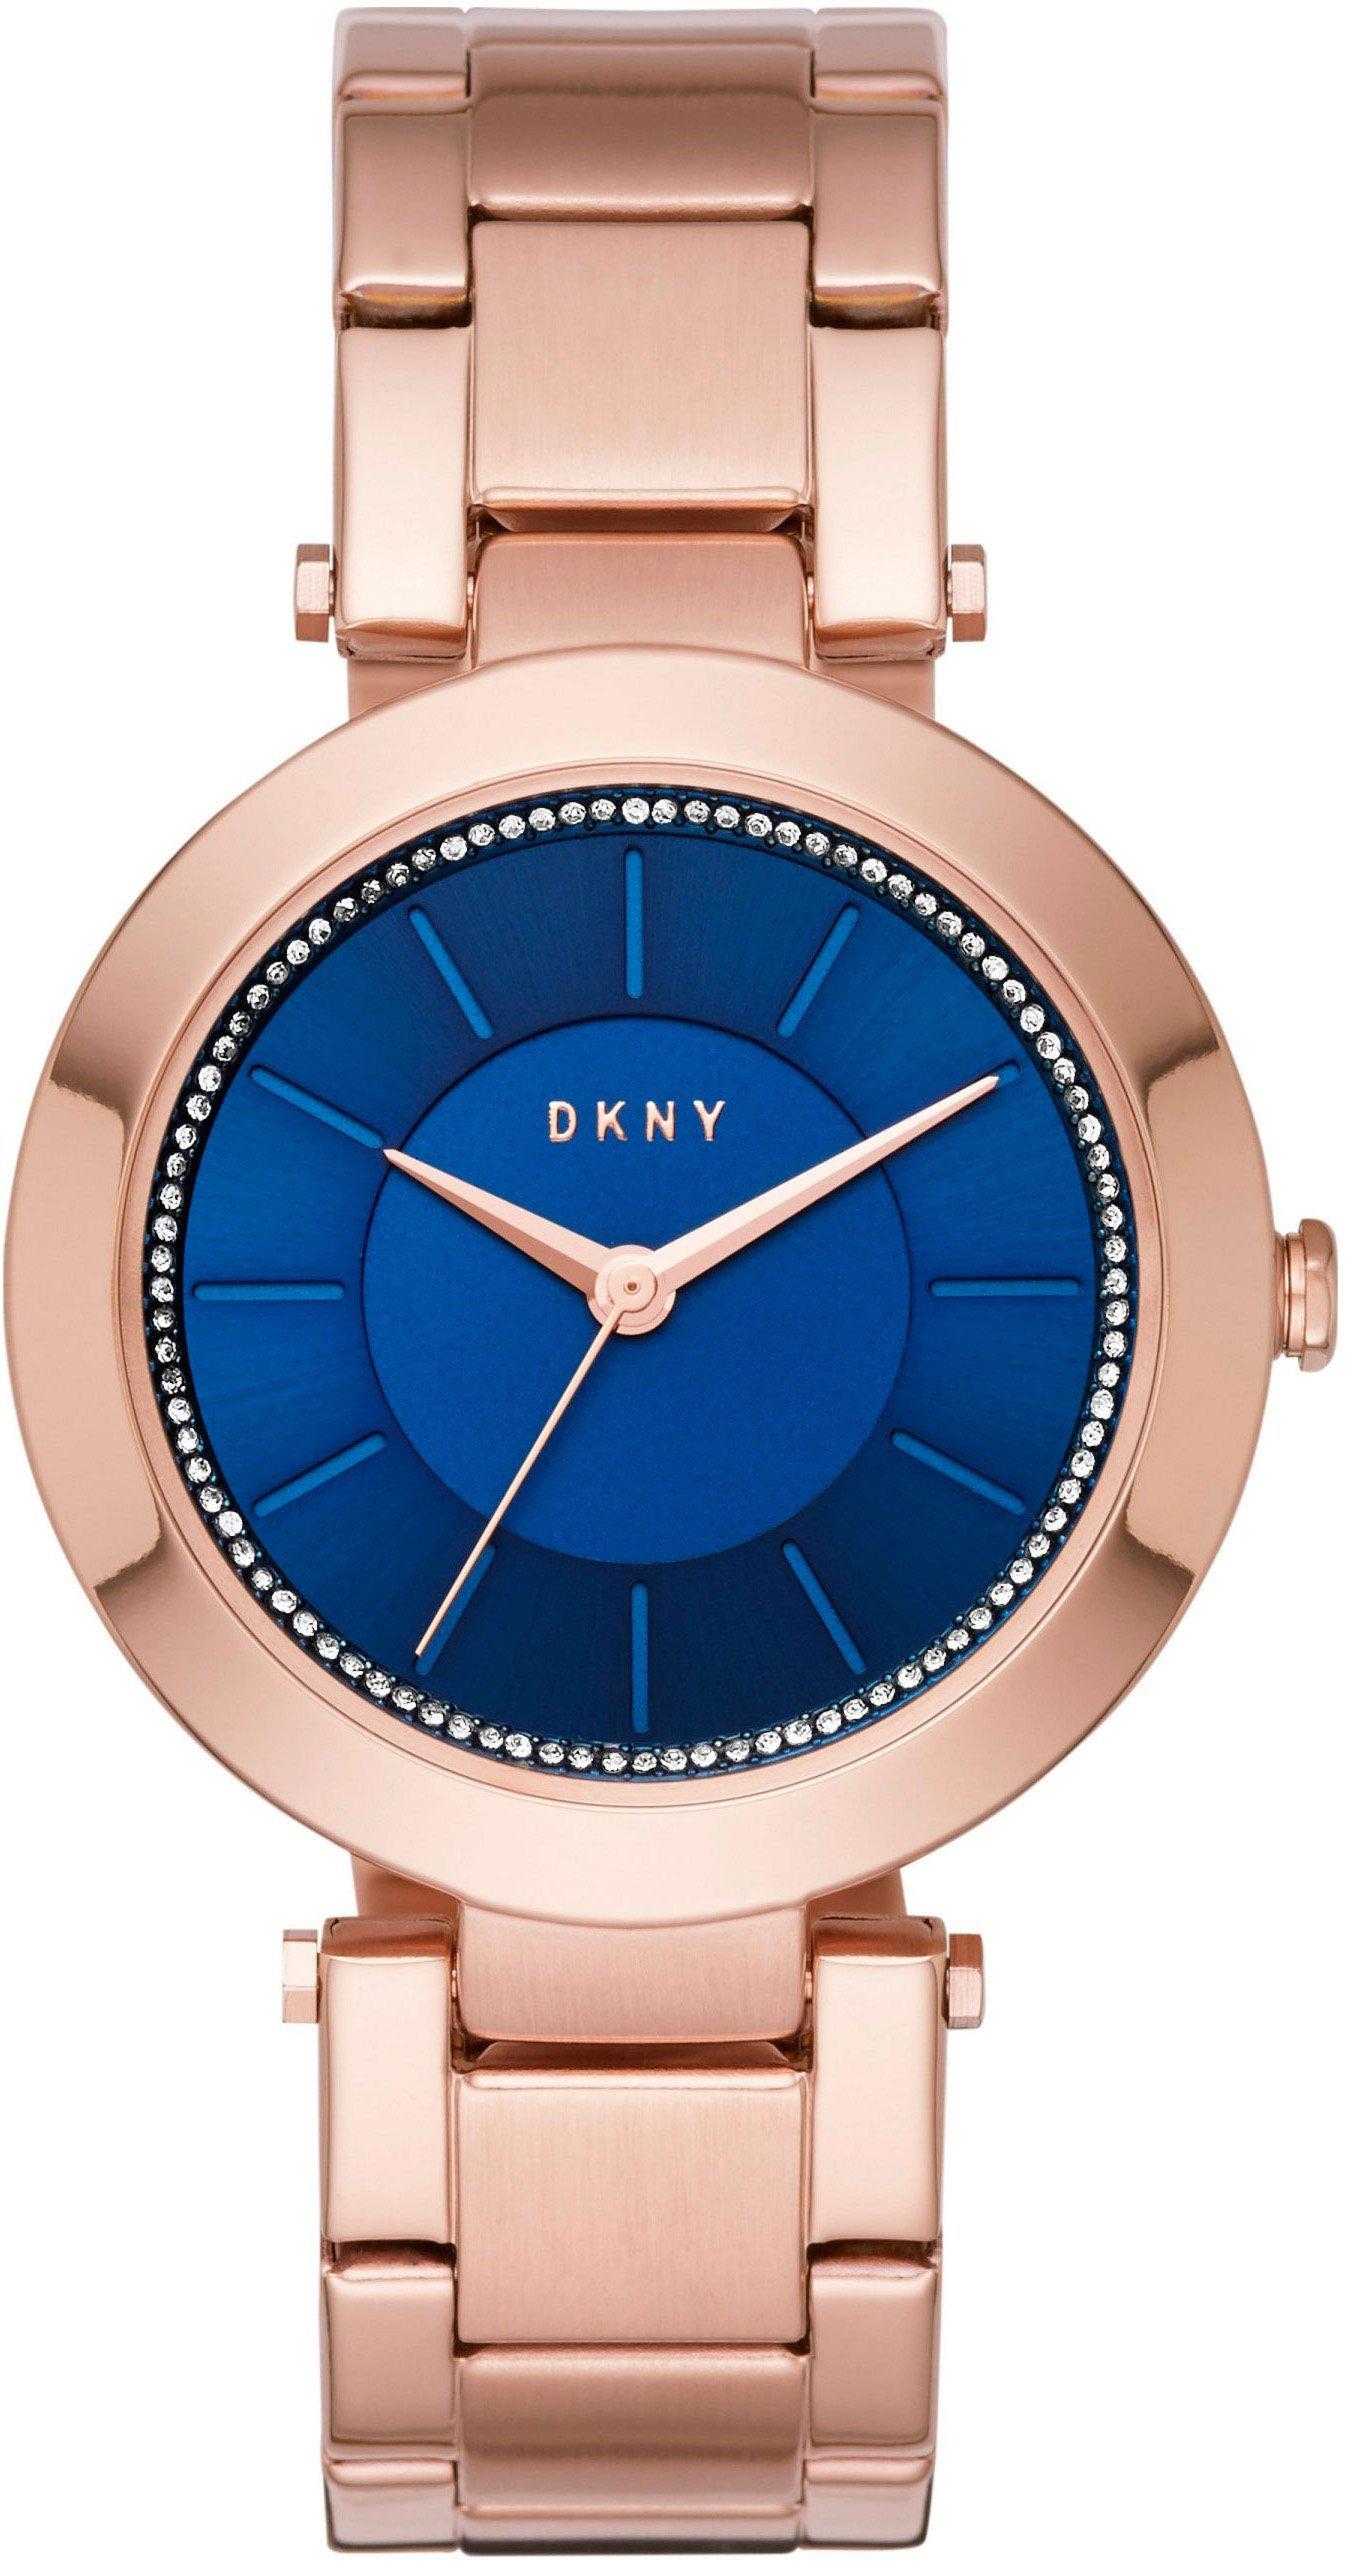 ceb824be5eea Часы DKNY NY2575 купить часы Донна Каран NY 2575 в Киеве, Харькове ...